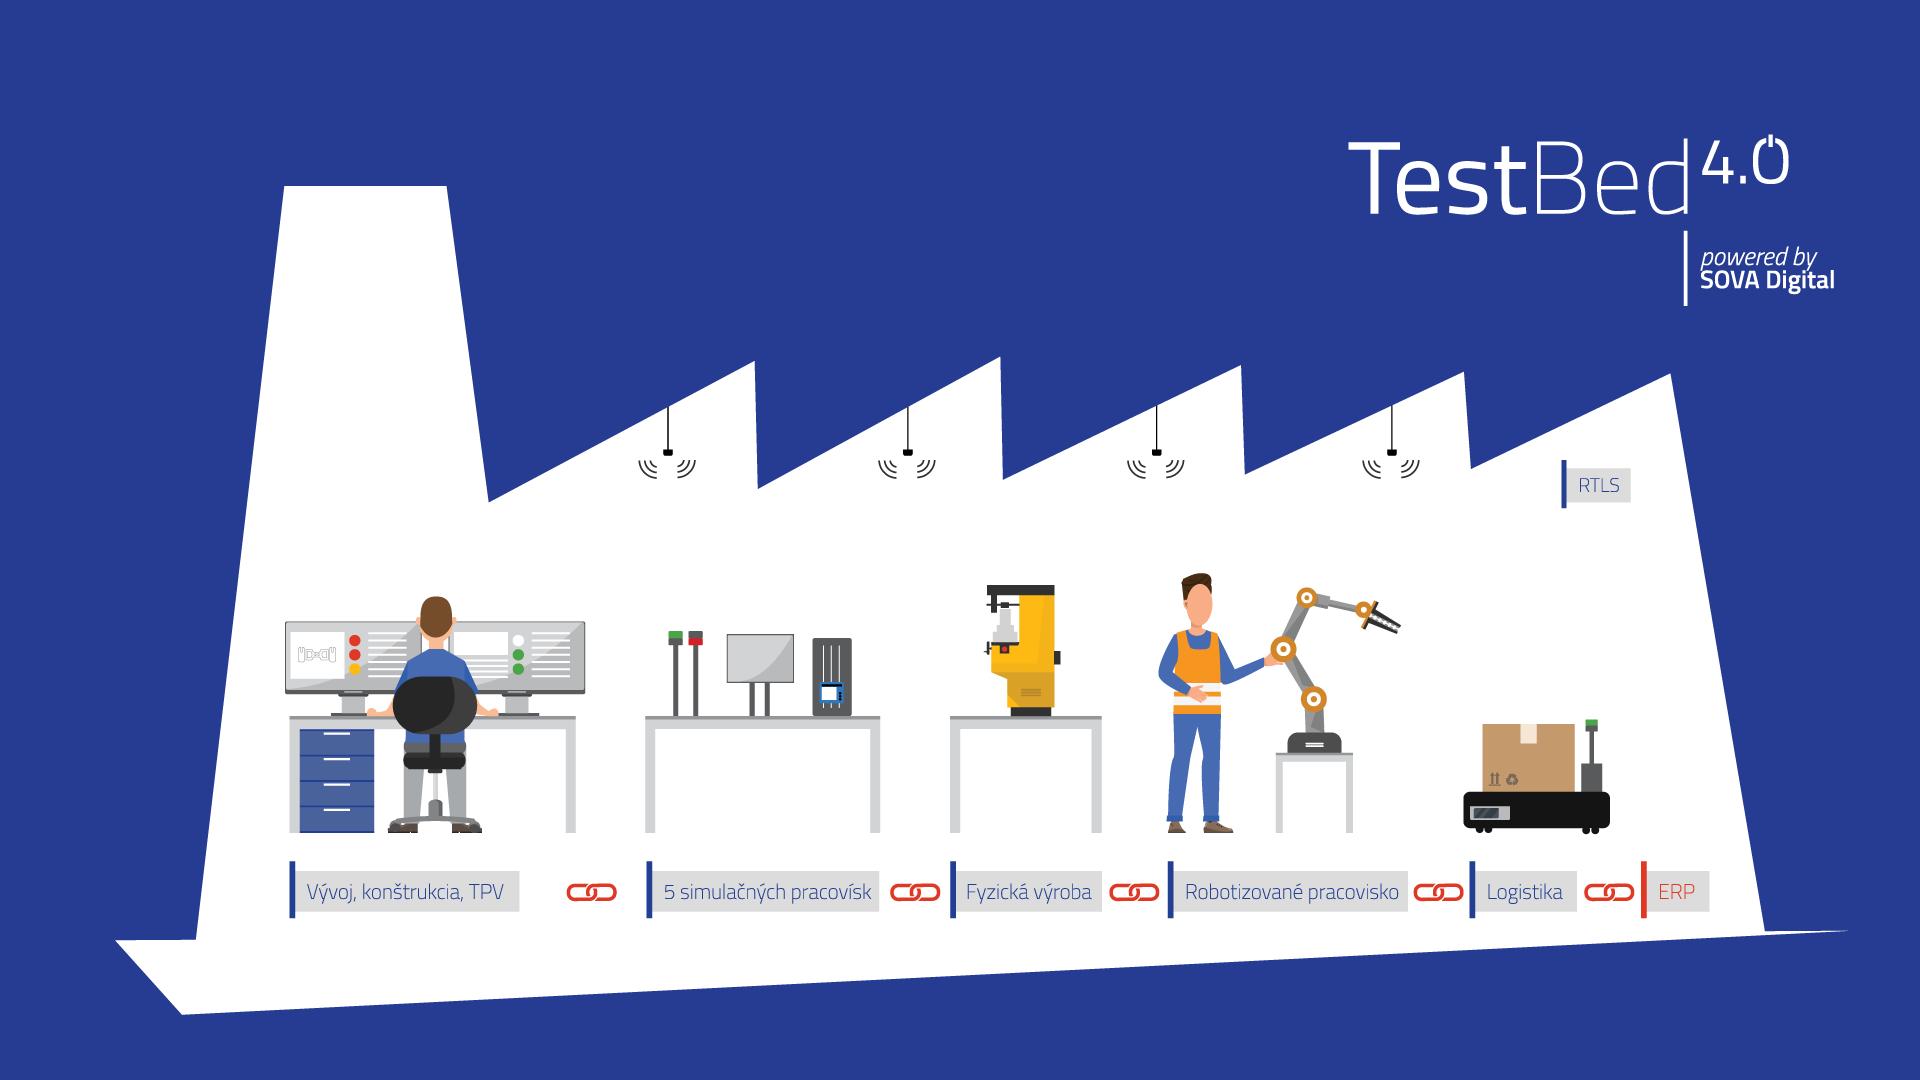 M. Morháč: Očakávame, že TestBed 4.0 prinesie priemyslu pozoruhodné výsledky